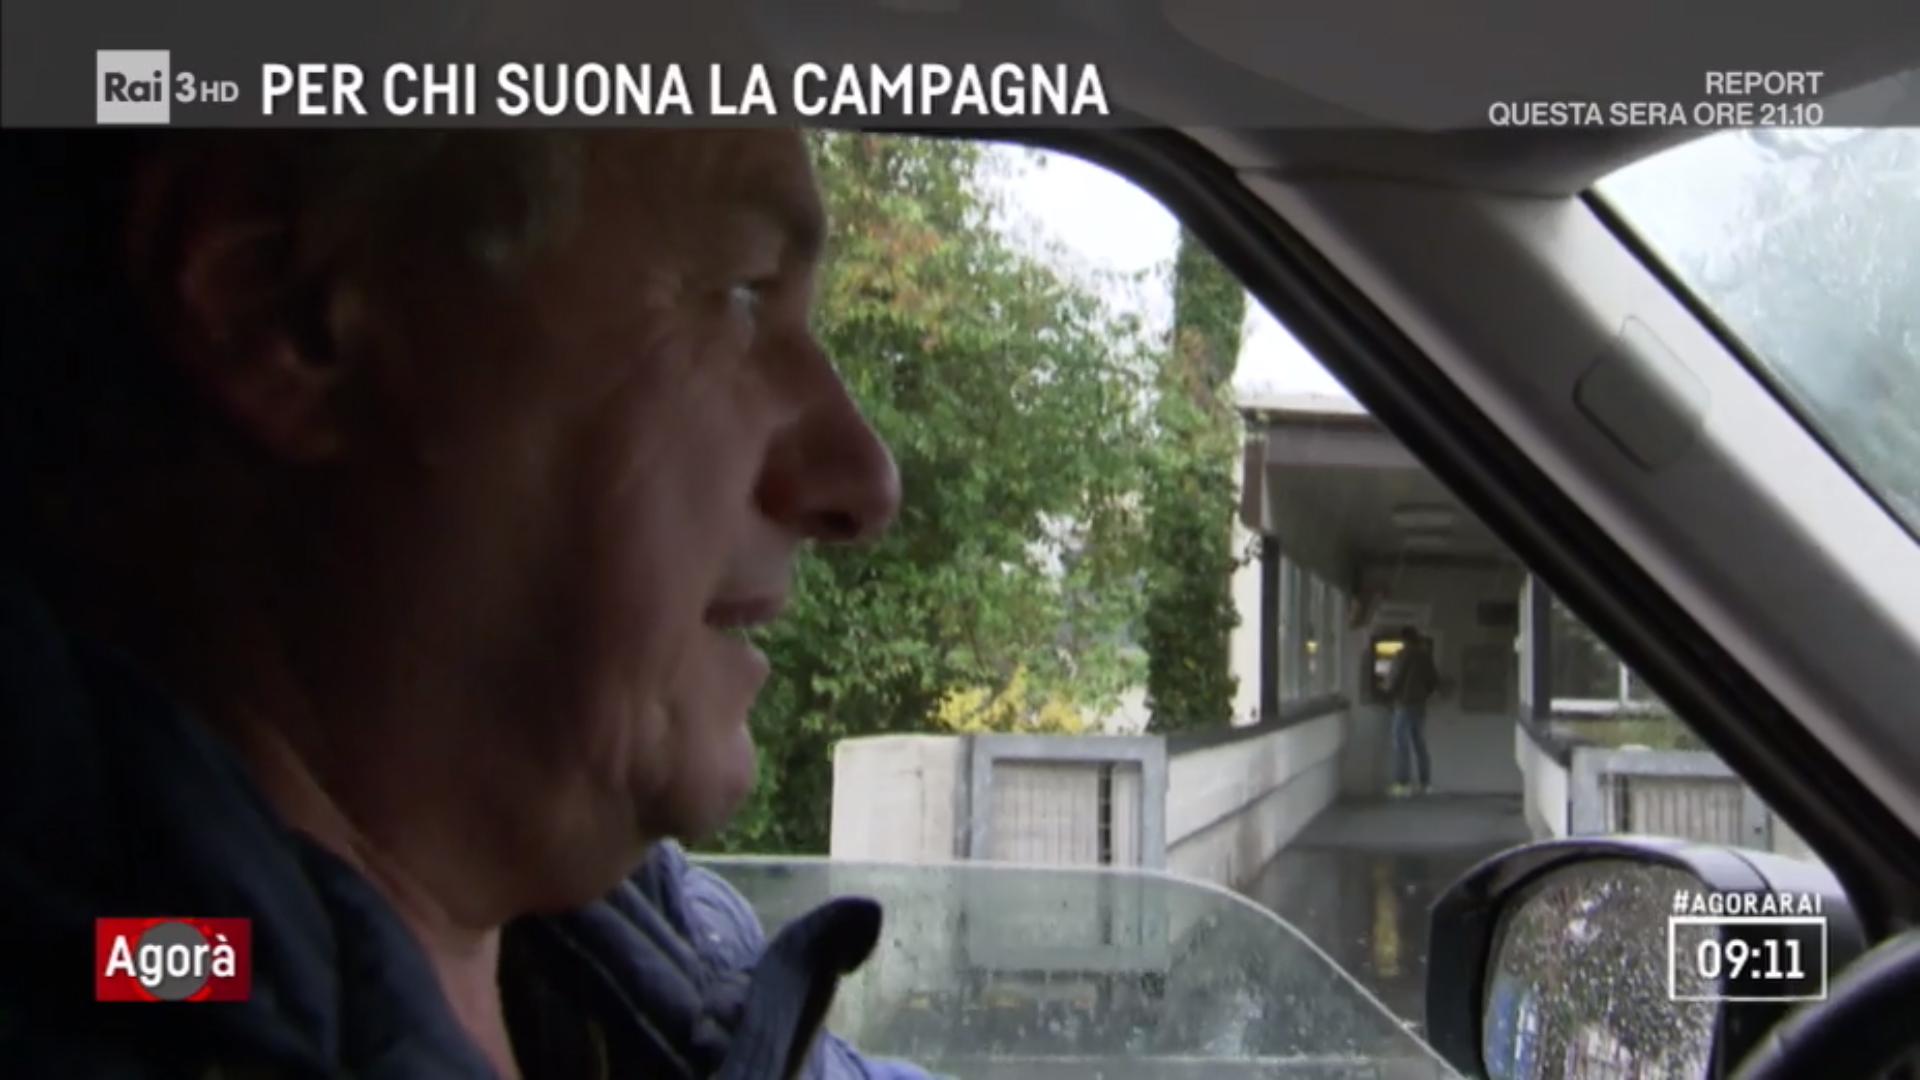 Avvocato Carmine Paul Alexander Tedesco Agorà